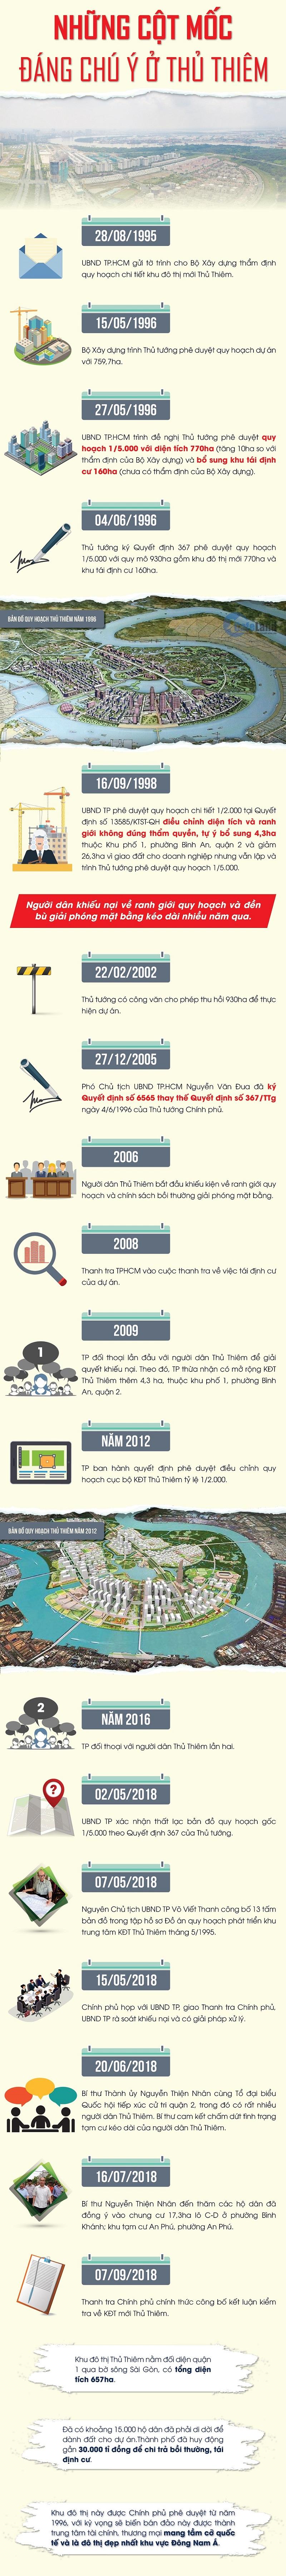 Infographic: Những cột mốc đáng chú ý ở Thủ Thiêm